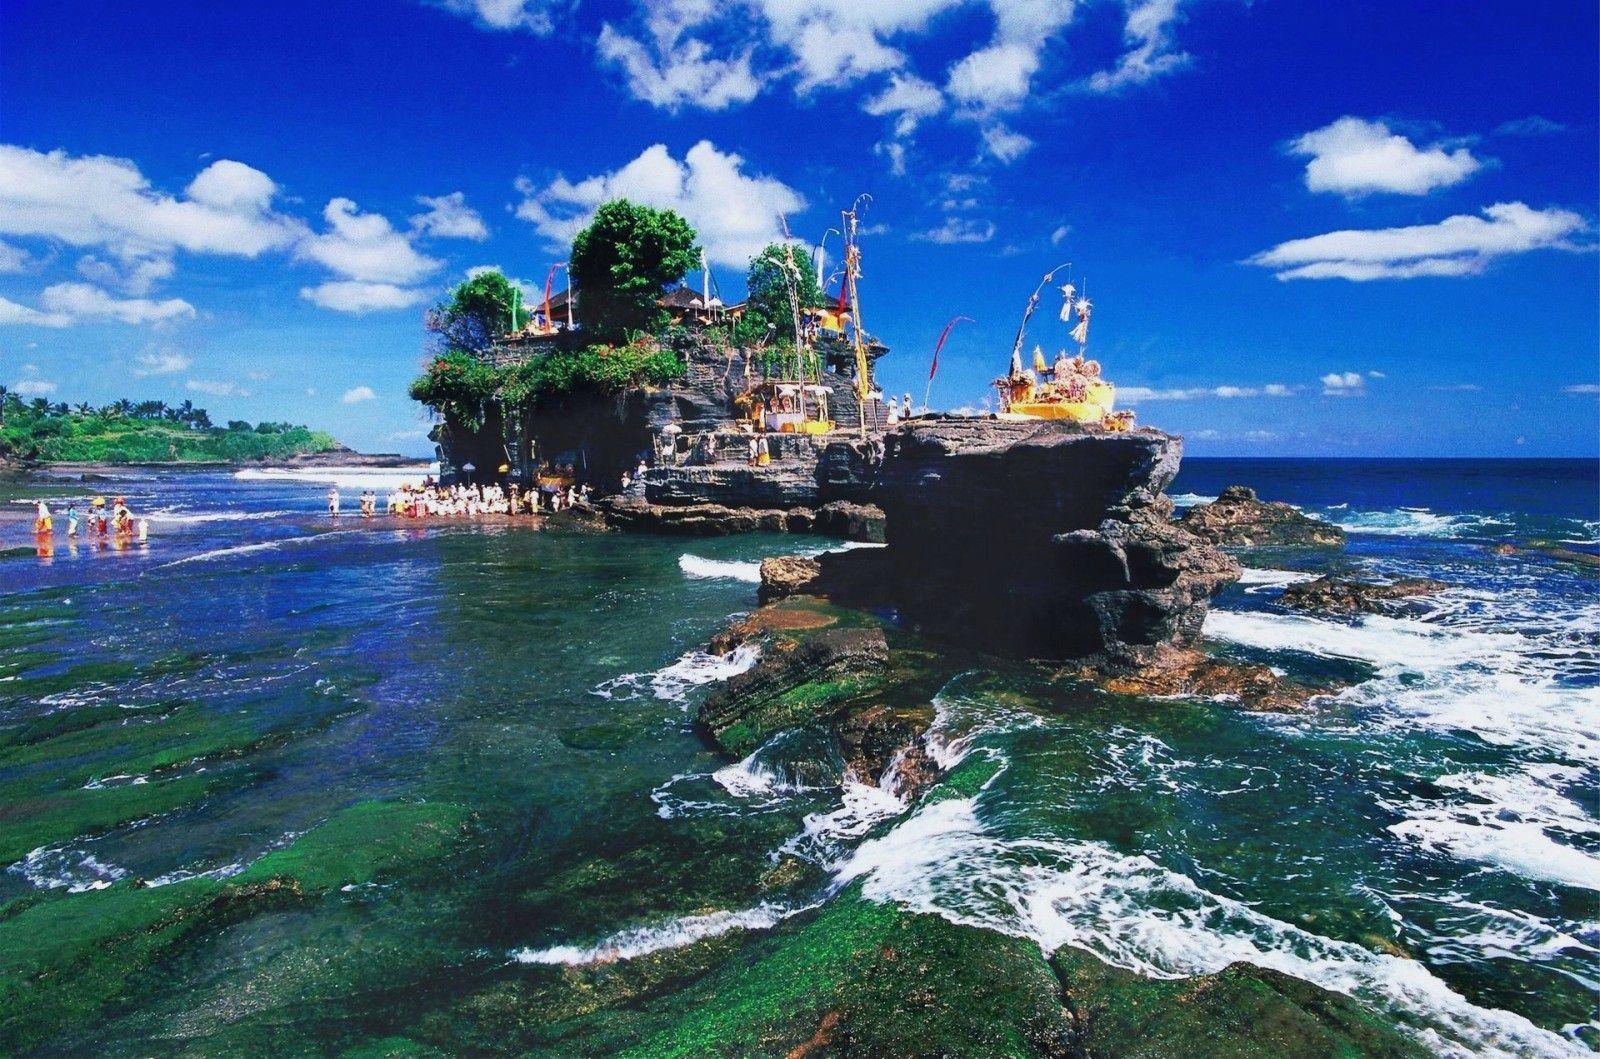 бизнес виза в индонезию